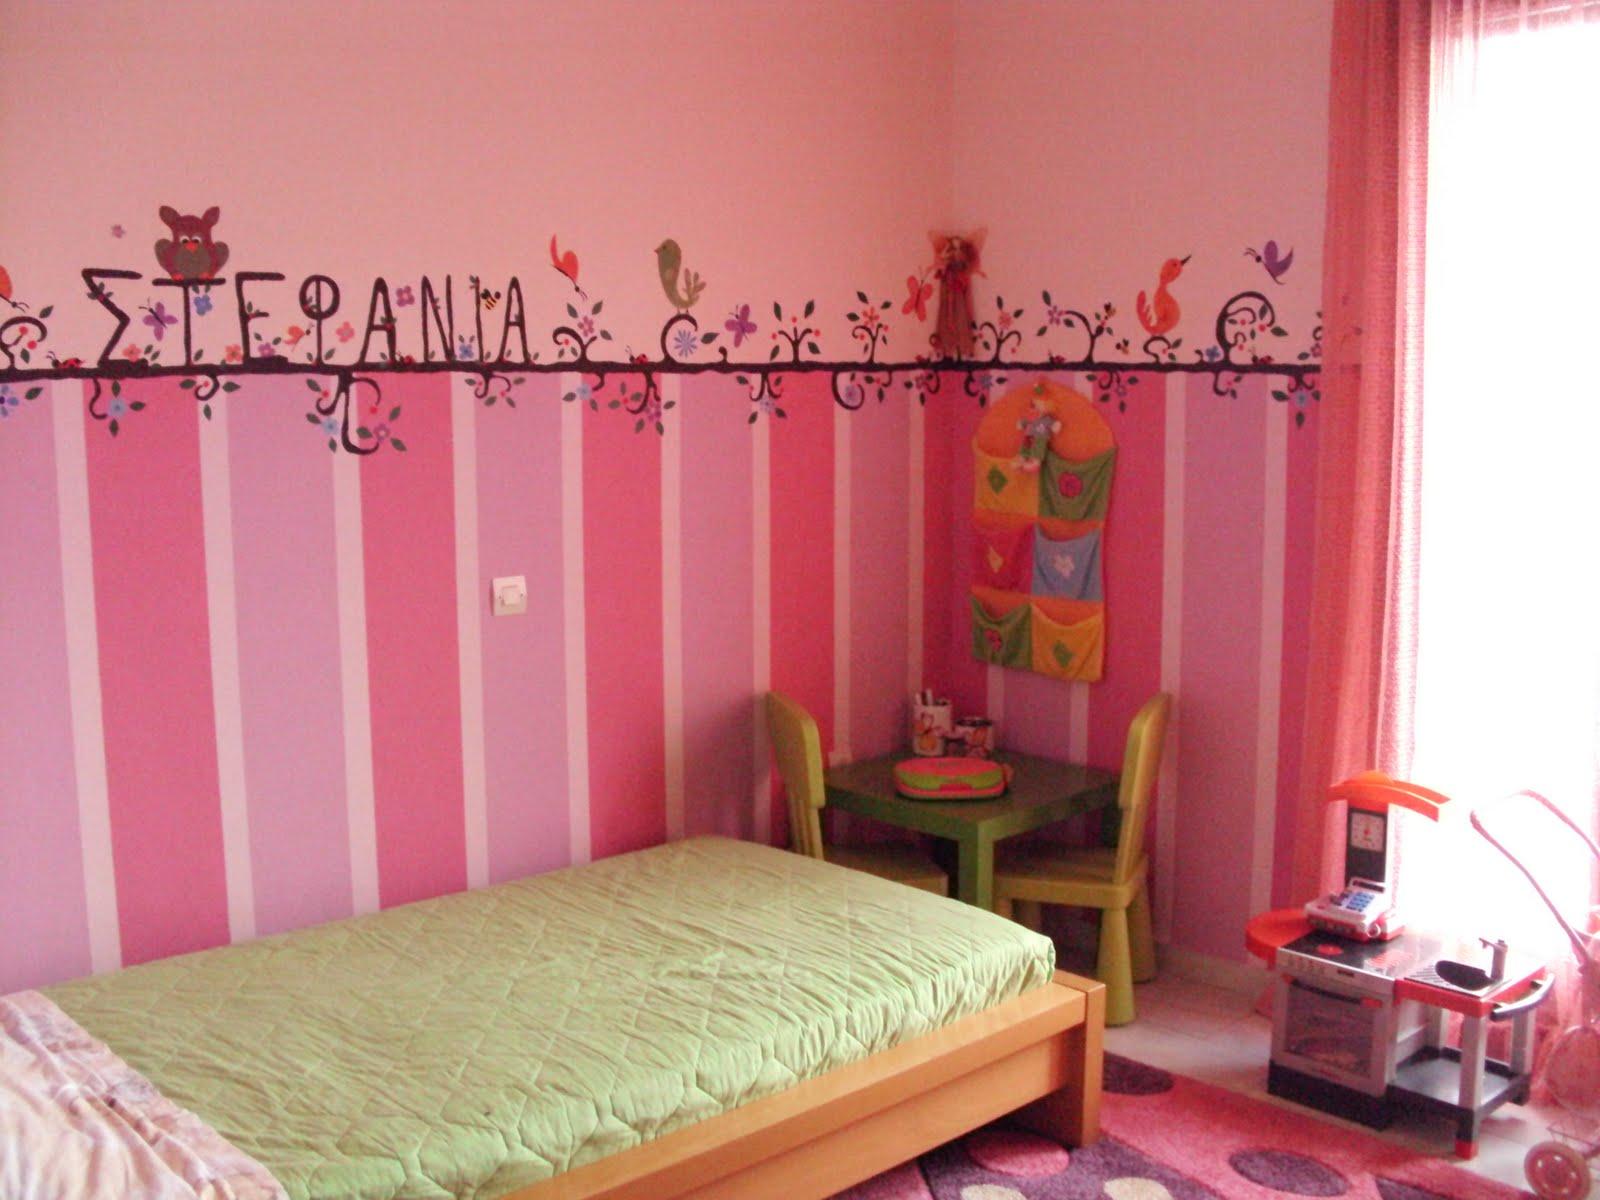 Ζωγραφική για παιδικό δωμάτιο.